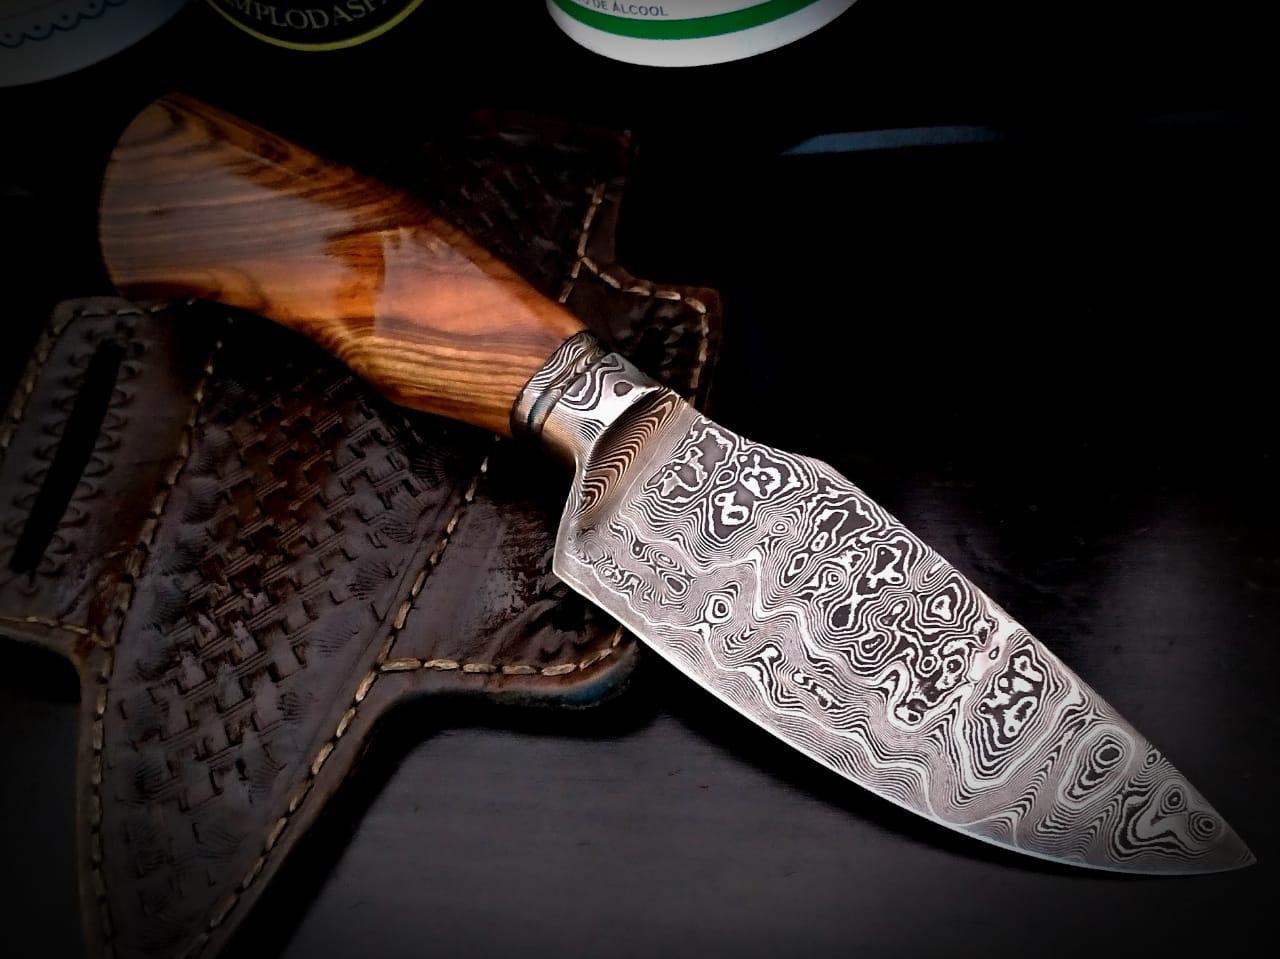 Faca artesanal charuteira forjada em aço de damasco padrão aleatório modificado 4,5 polegadas